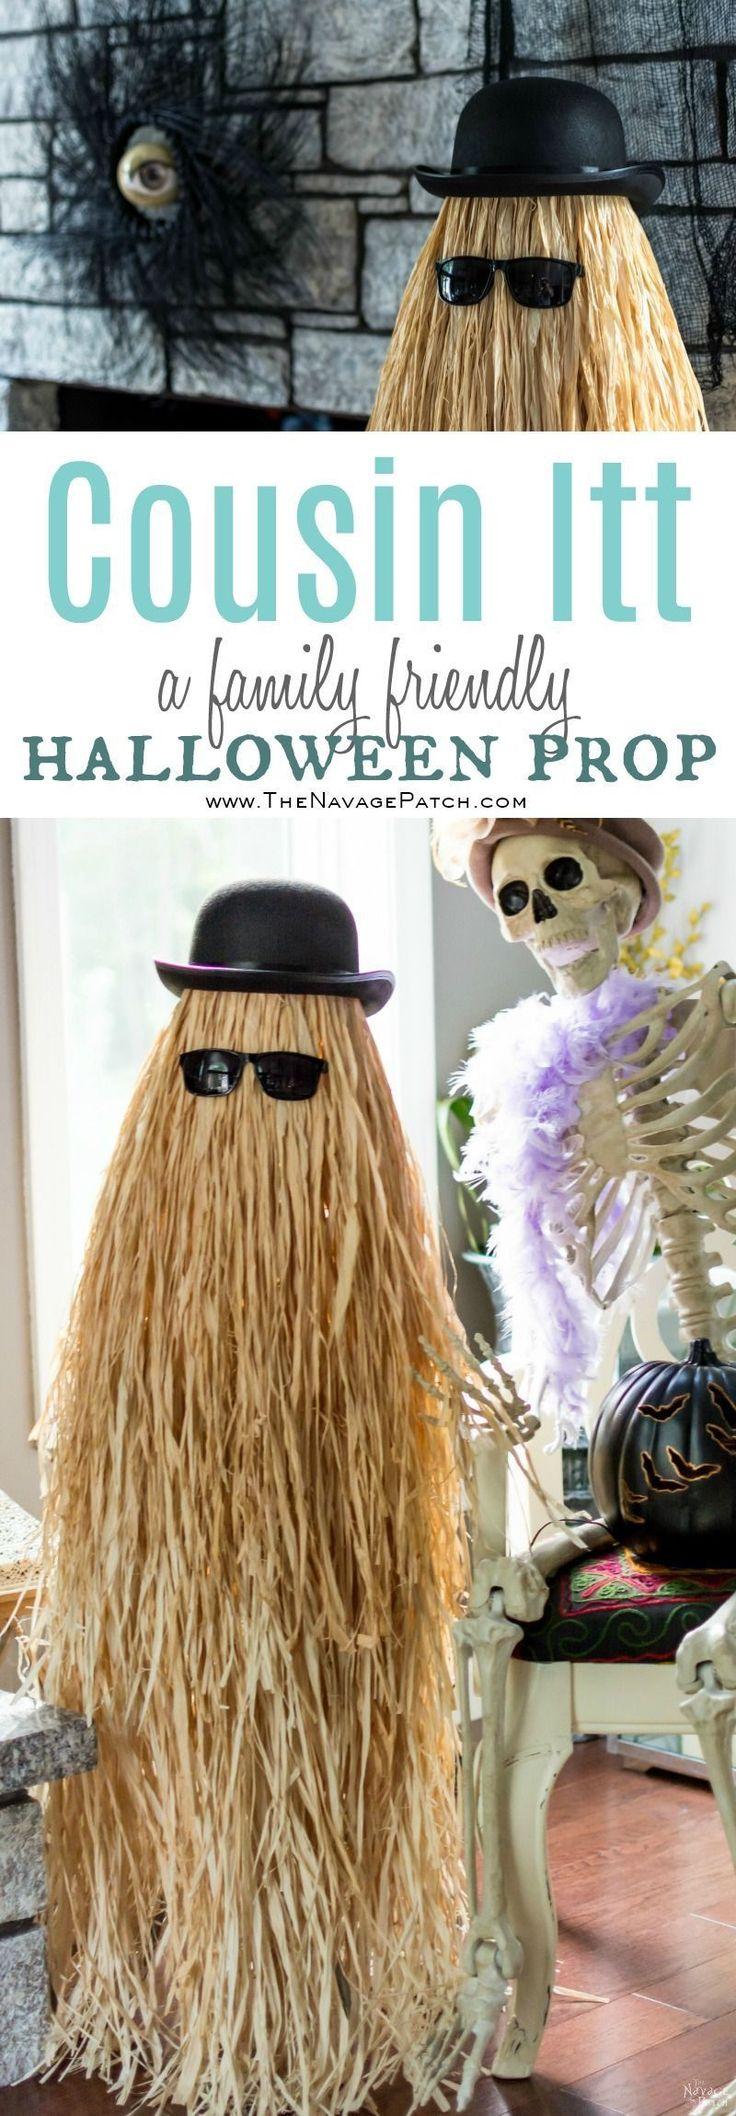 Cousin Itt Halloween Prop Tutorial Diy halloween